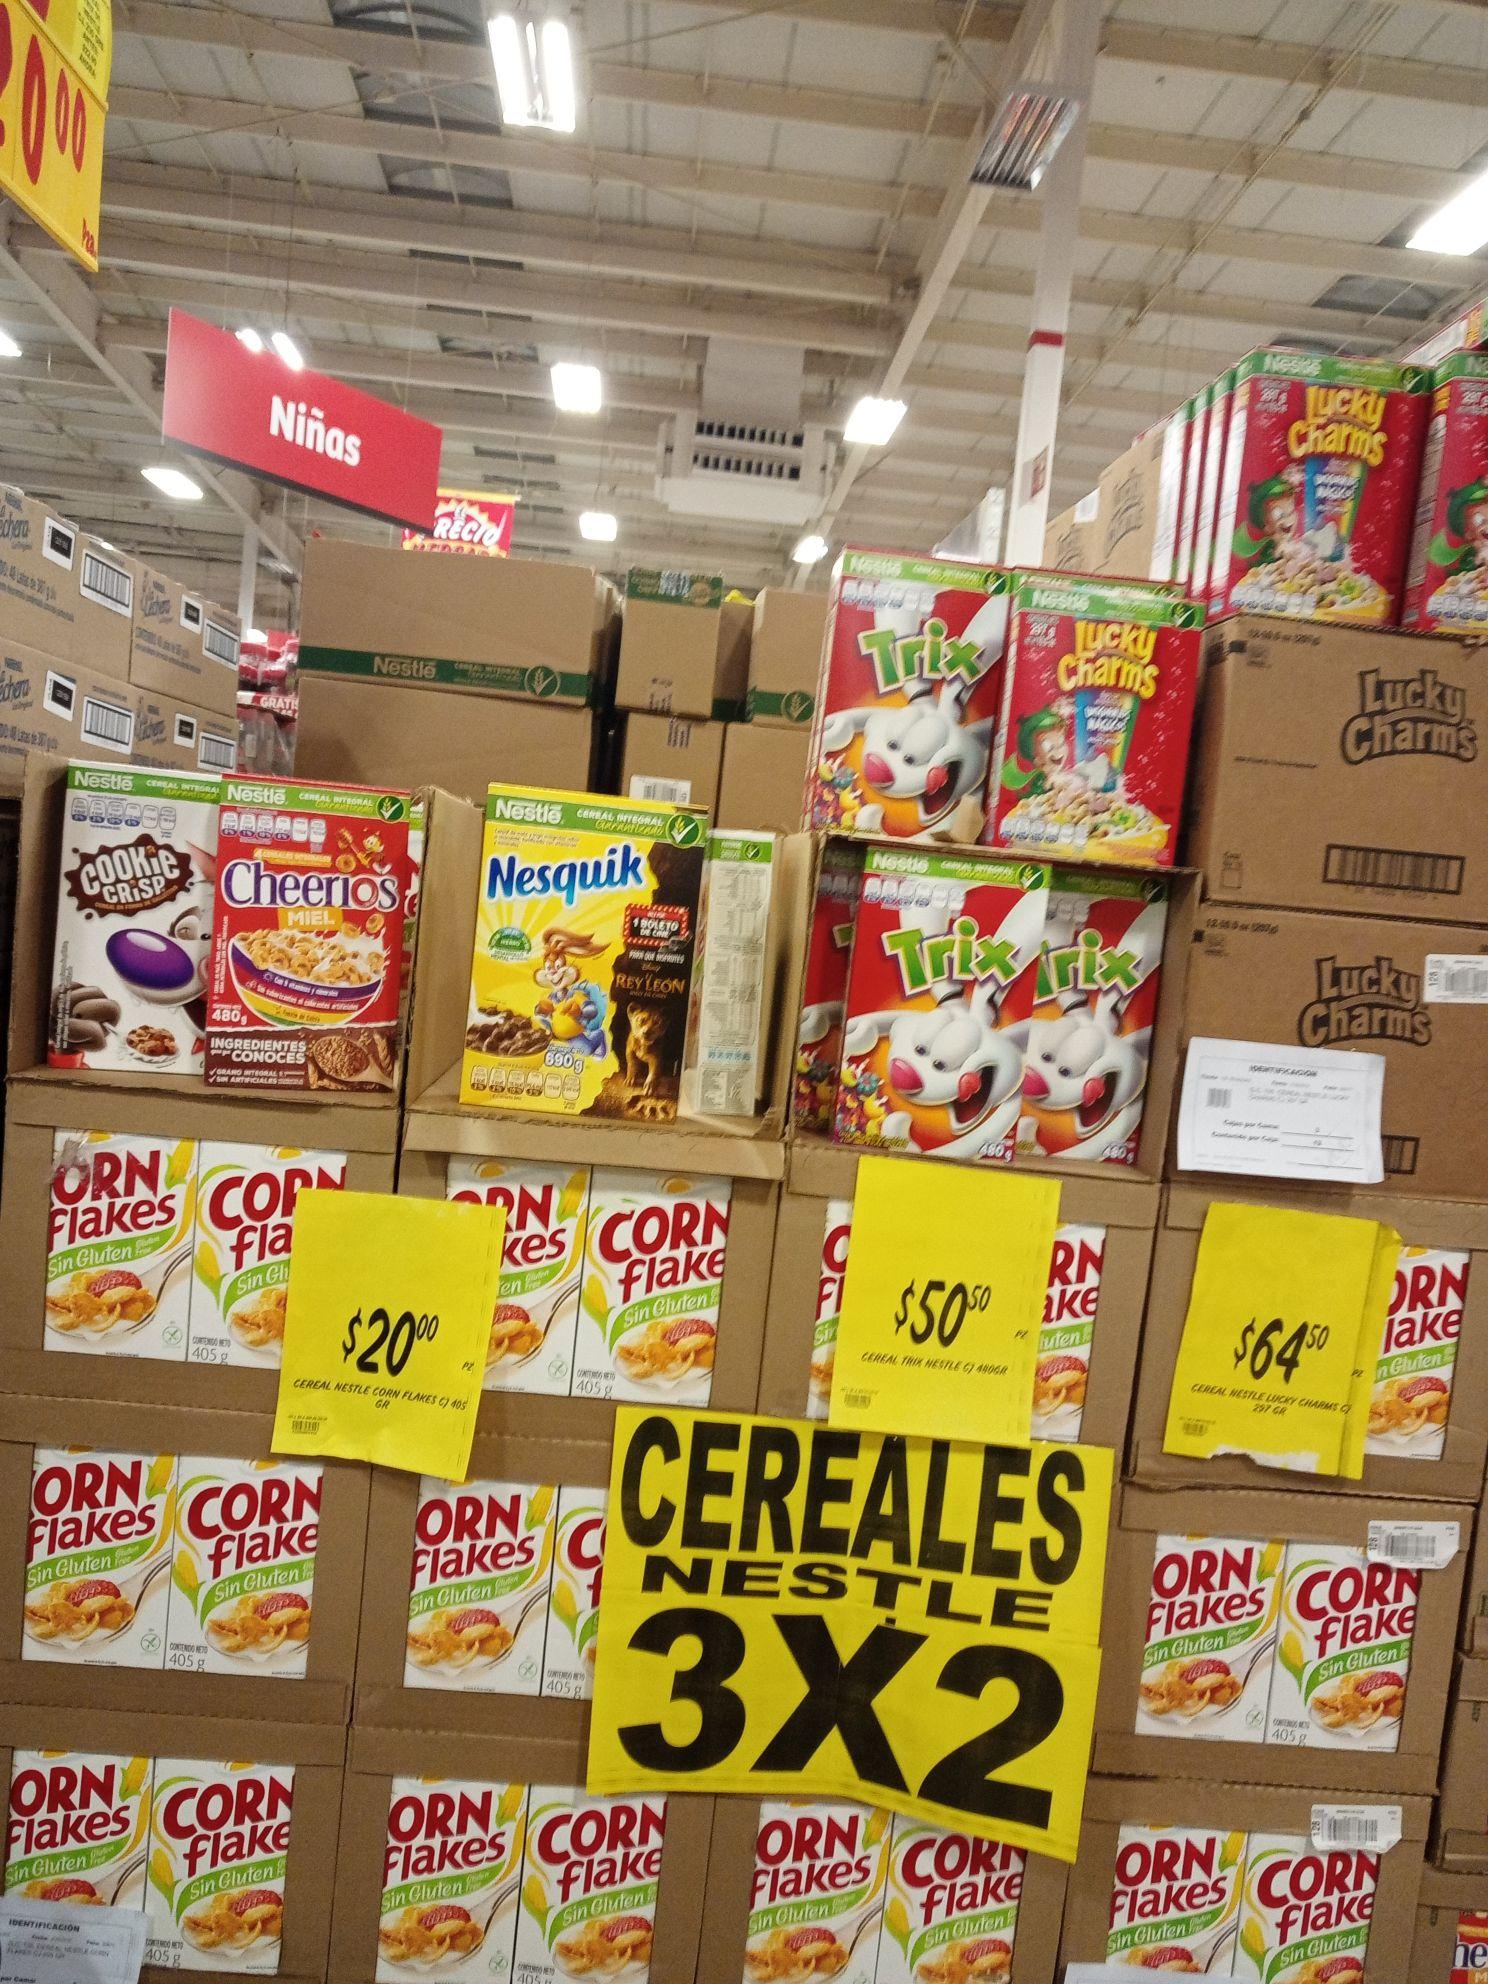 Soriana Híper: 3x2 en cereales nestle